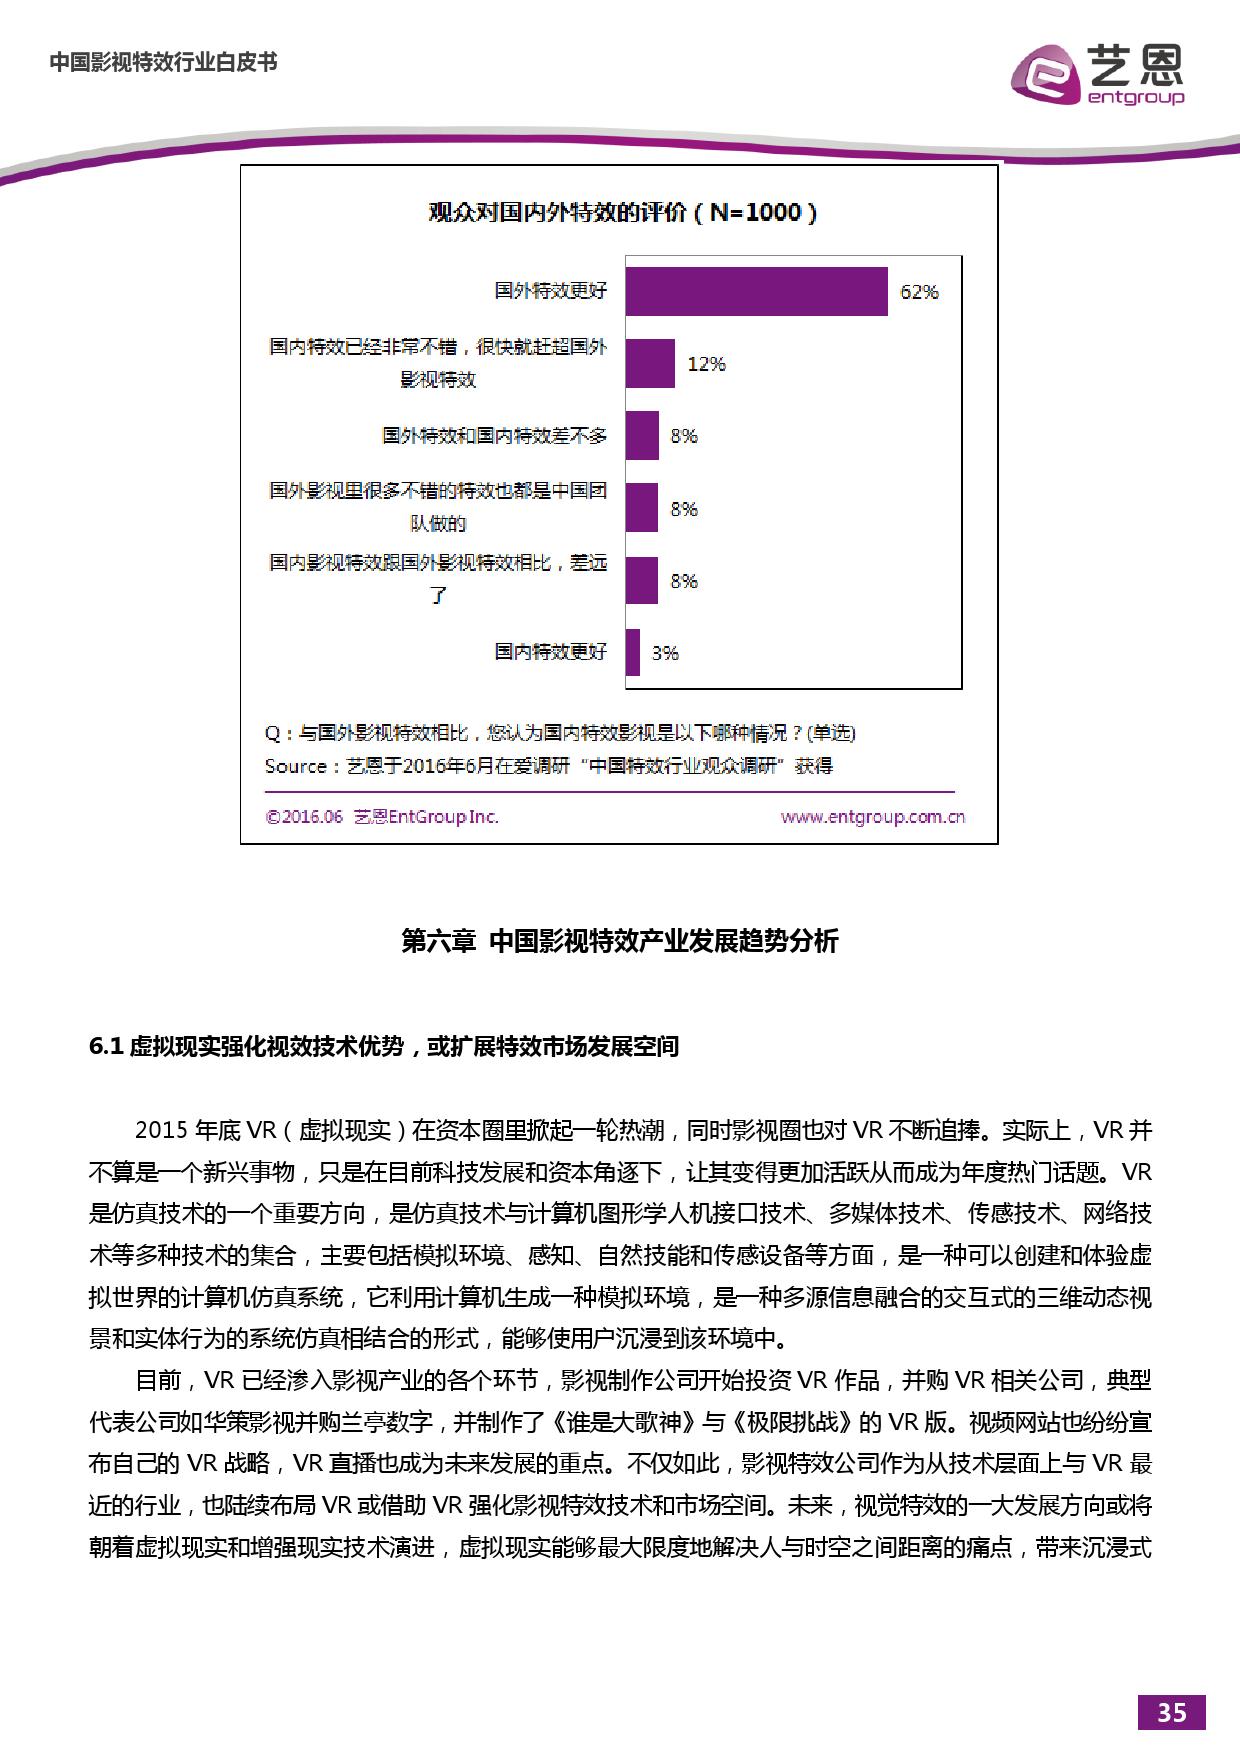 %e4%b8%ad%e5%9b%bd%e5%bd%b1%e8%a7%86%e7%89%b9%e6%95%88%e5%b8%82%e5%9c%ba%e7%a0%94%e7%a9%b6%e6%8a%a5%e5%91%8a_000036